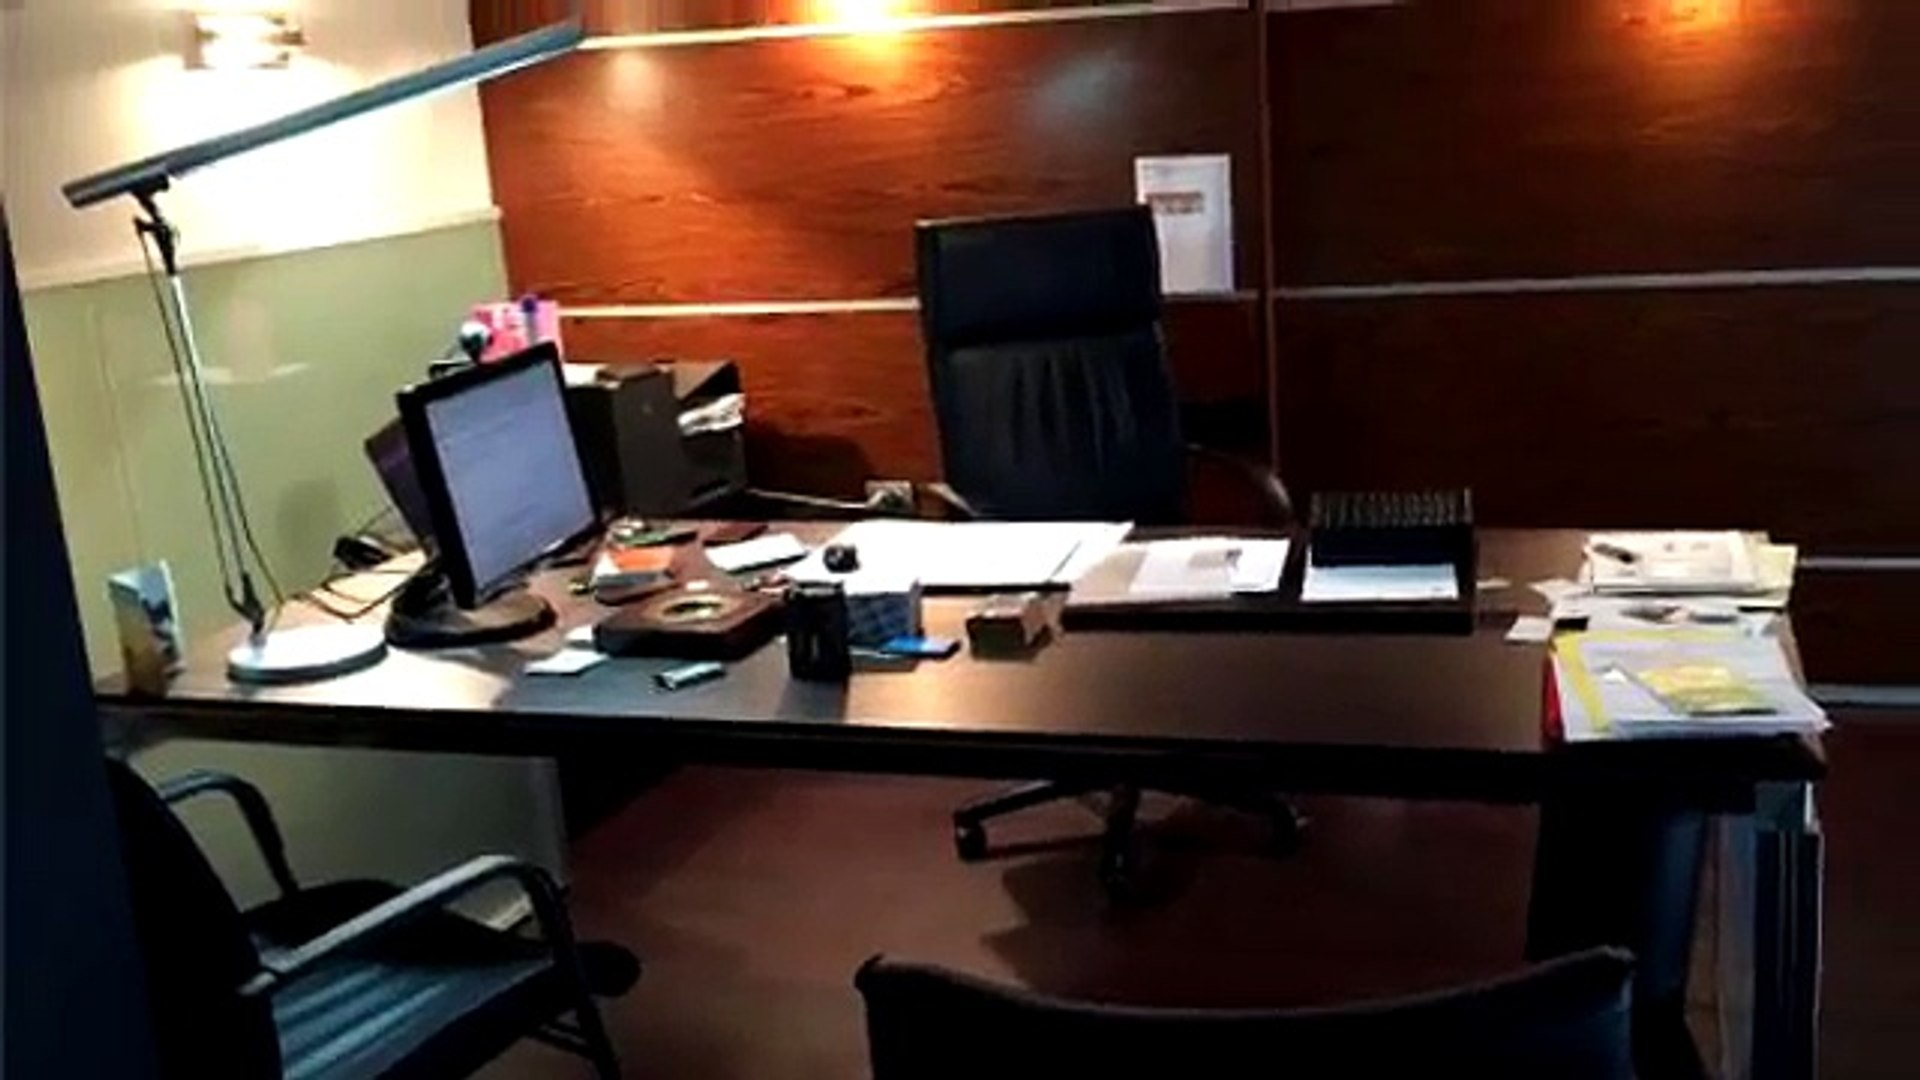 Ufficio in Affitto, via Botero, 23 - Torino